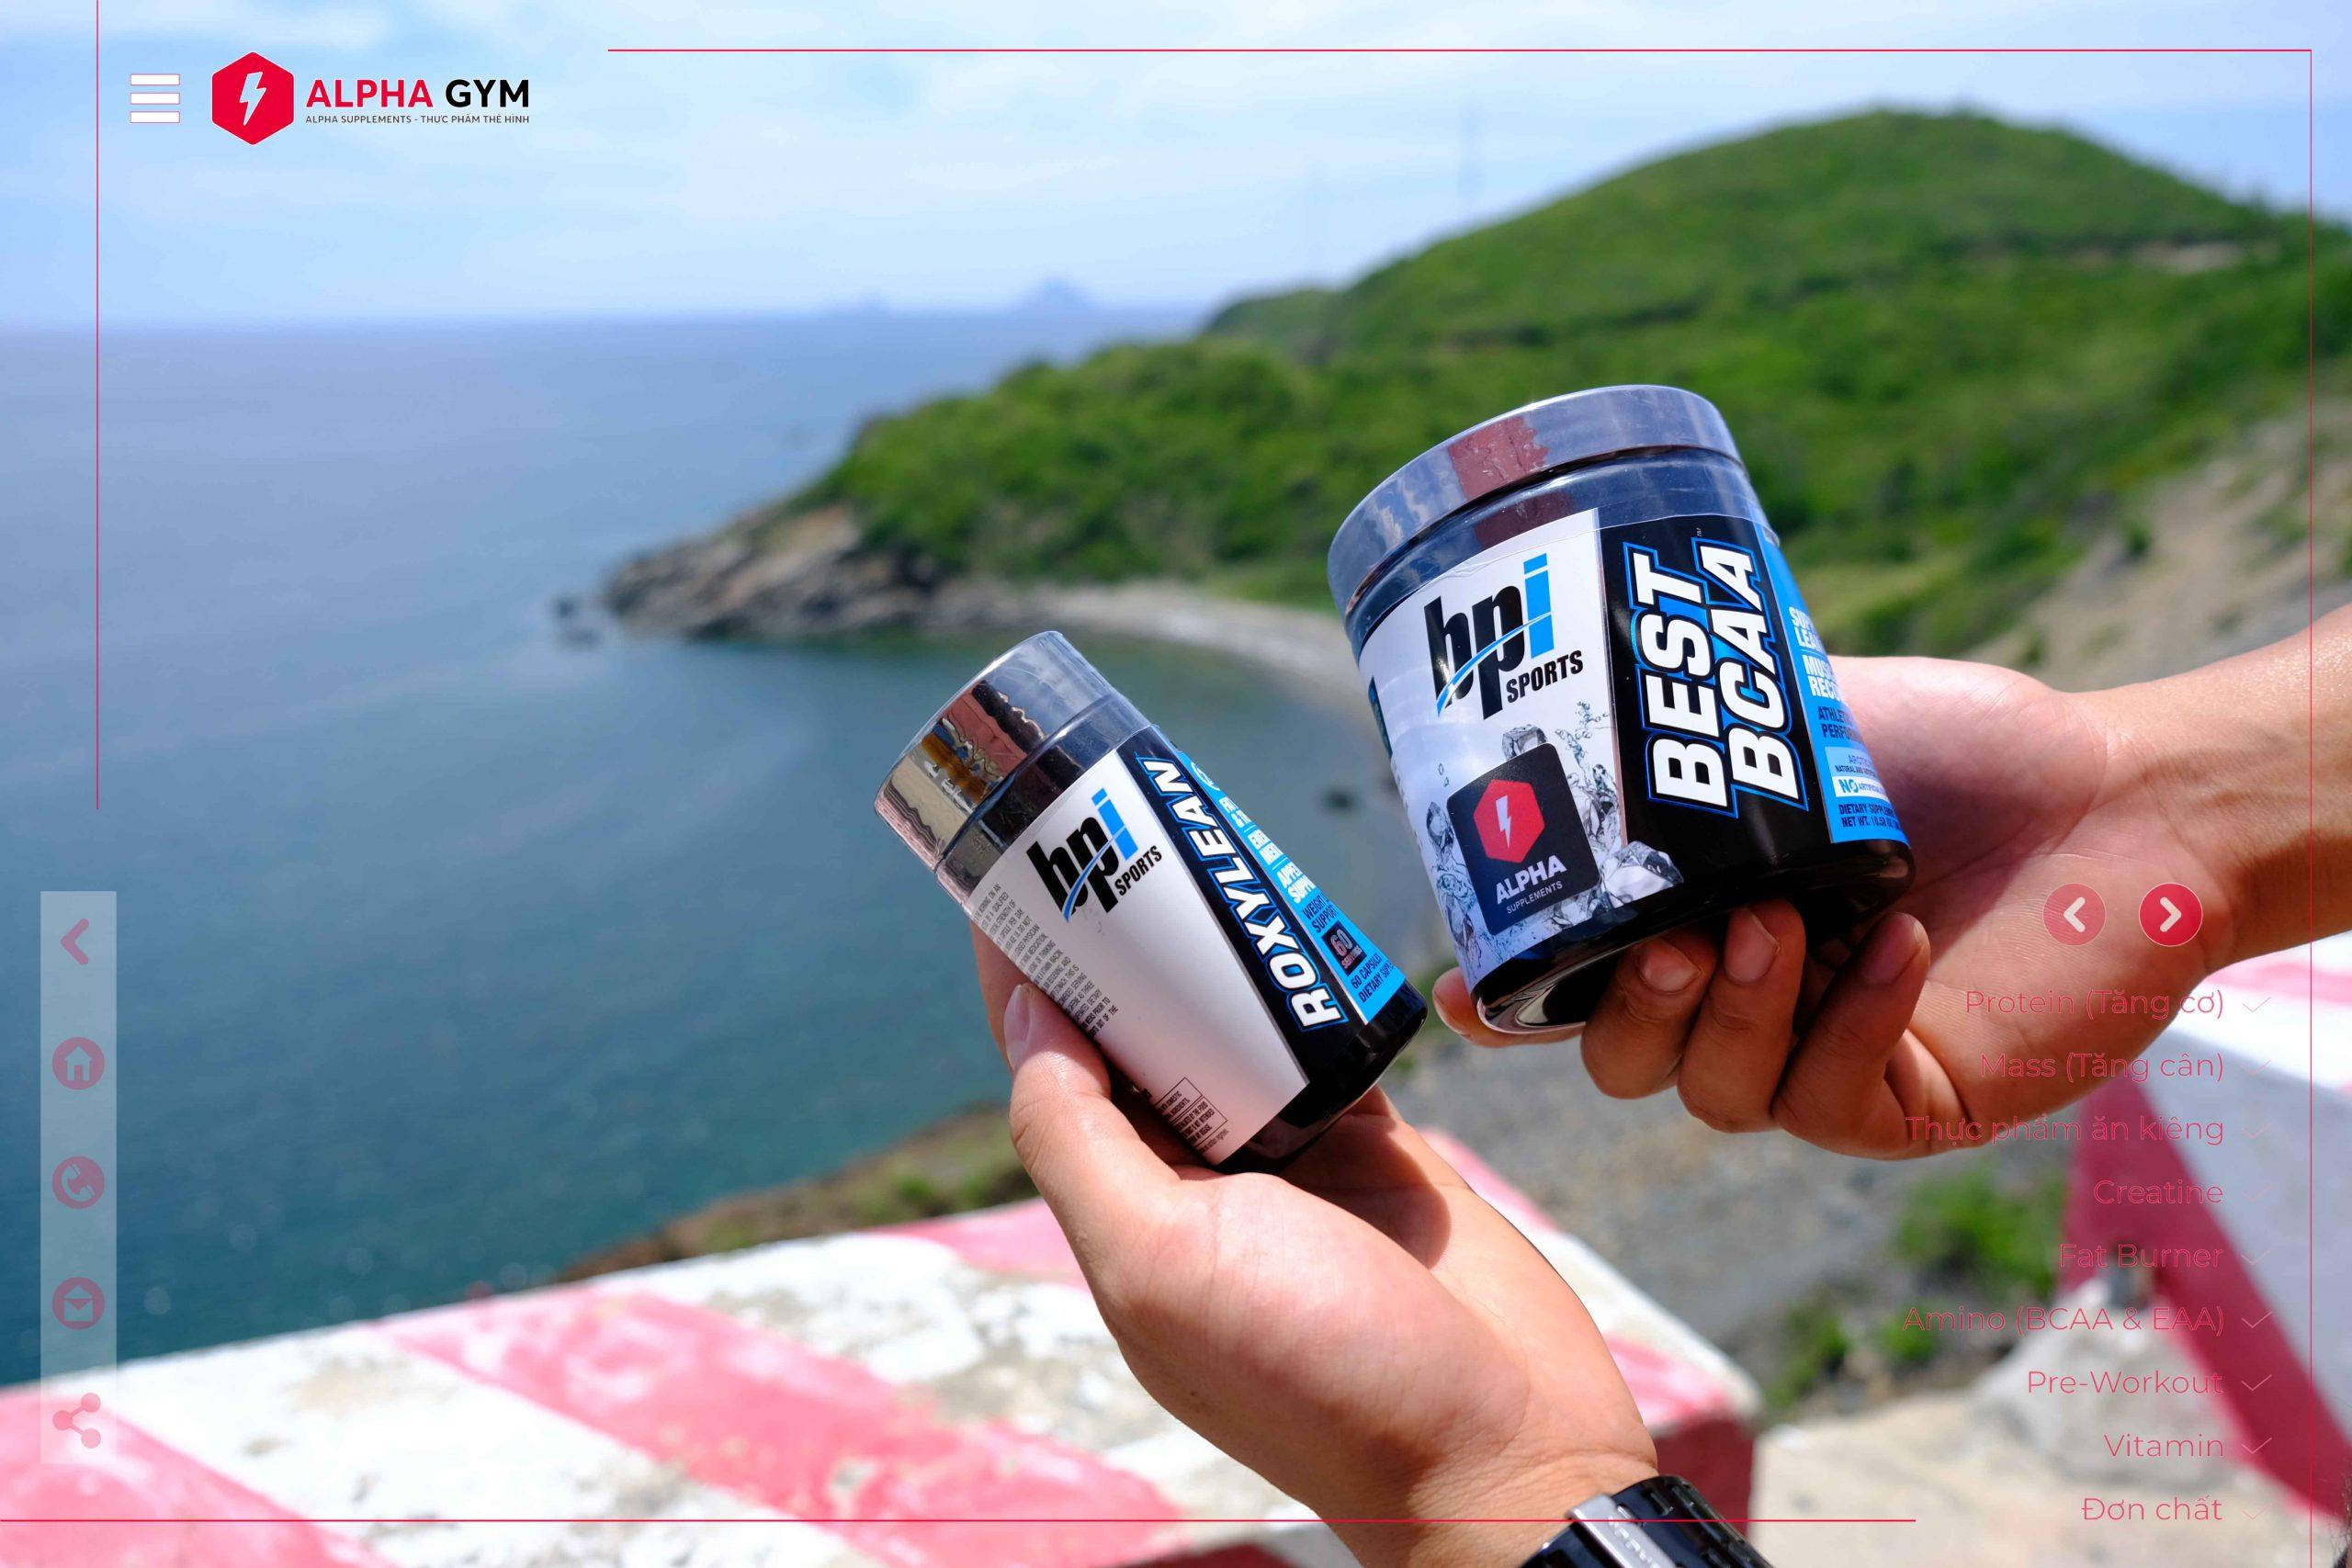 BPI Sports Best BCAA (60 Servings) - Thực phẩm thể hình Nha Trang